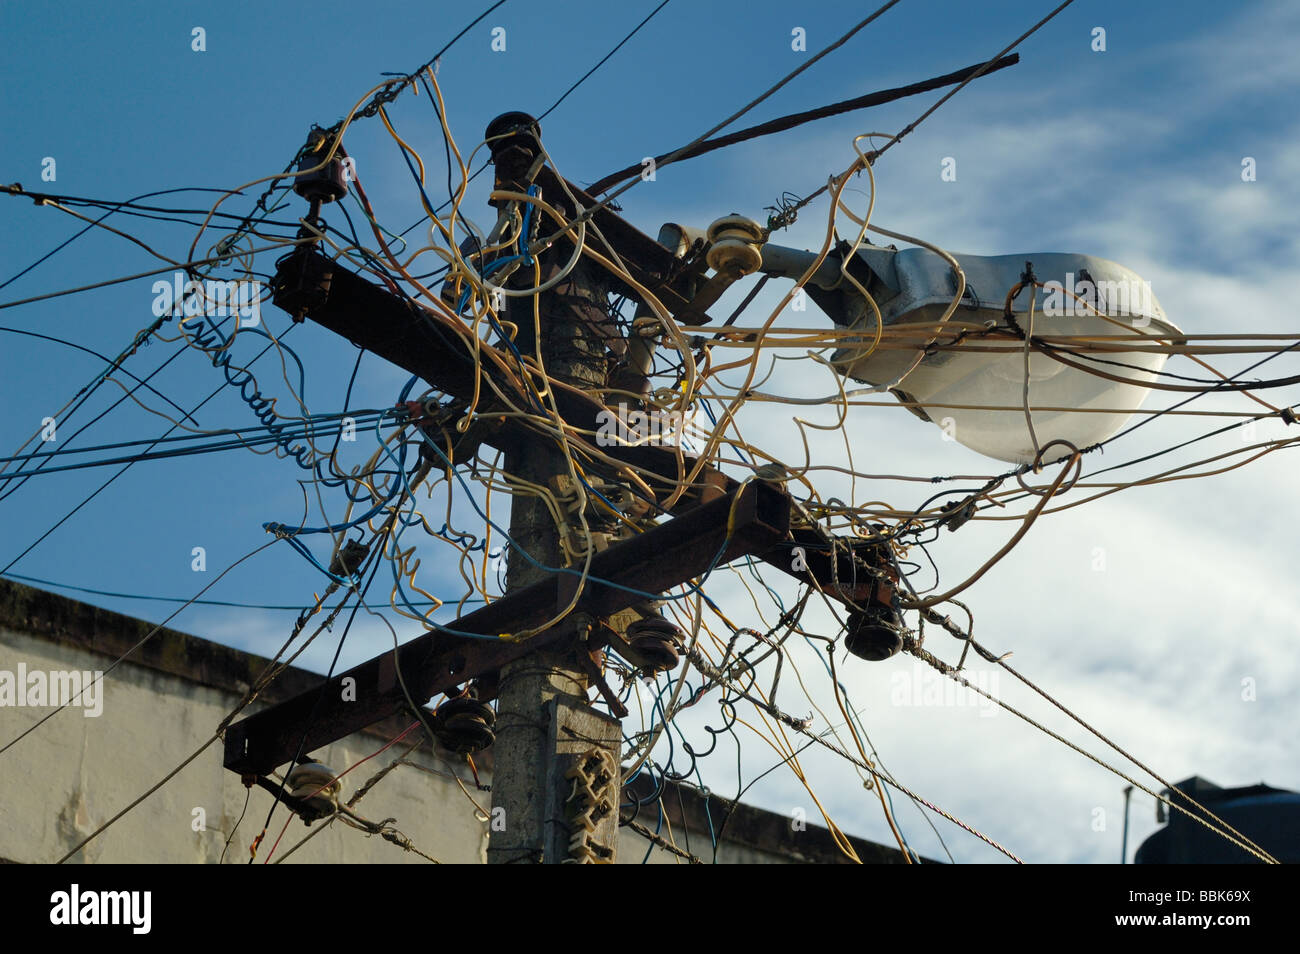 Wunderbar Indien Elektrische Schaltpläne Fotos - Schaltplan Serie ...